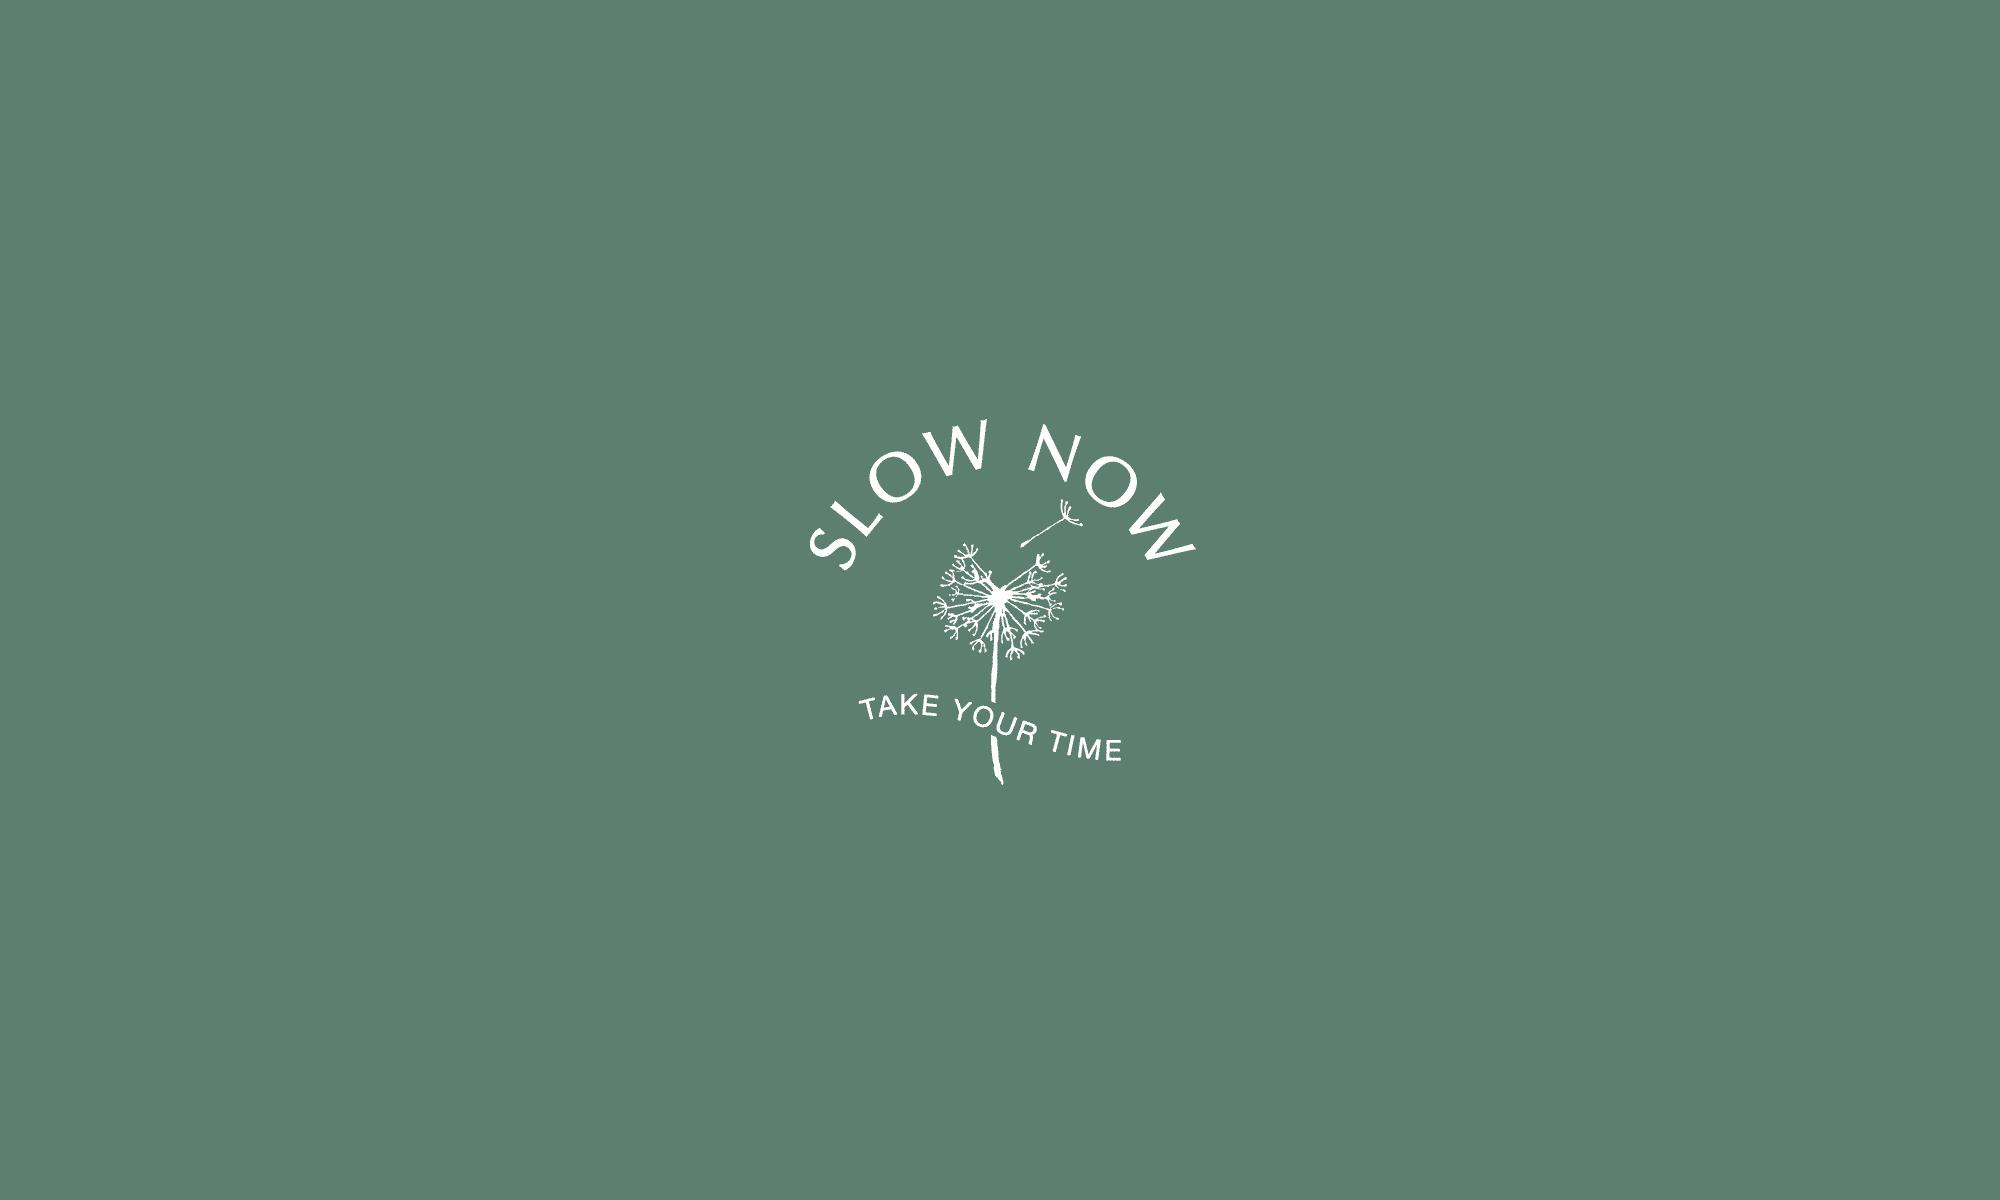 Slow Now